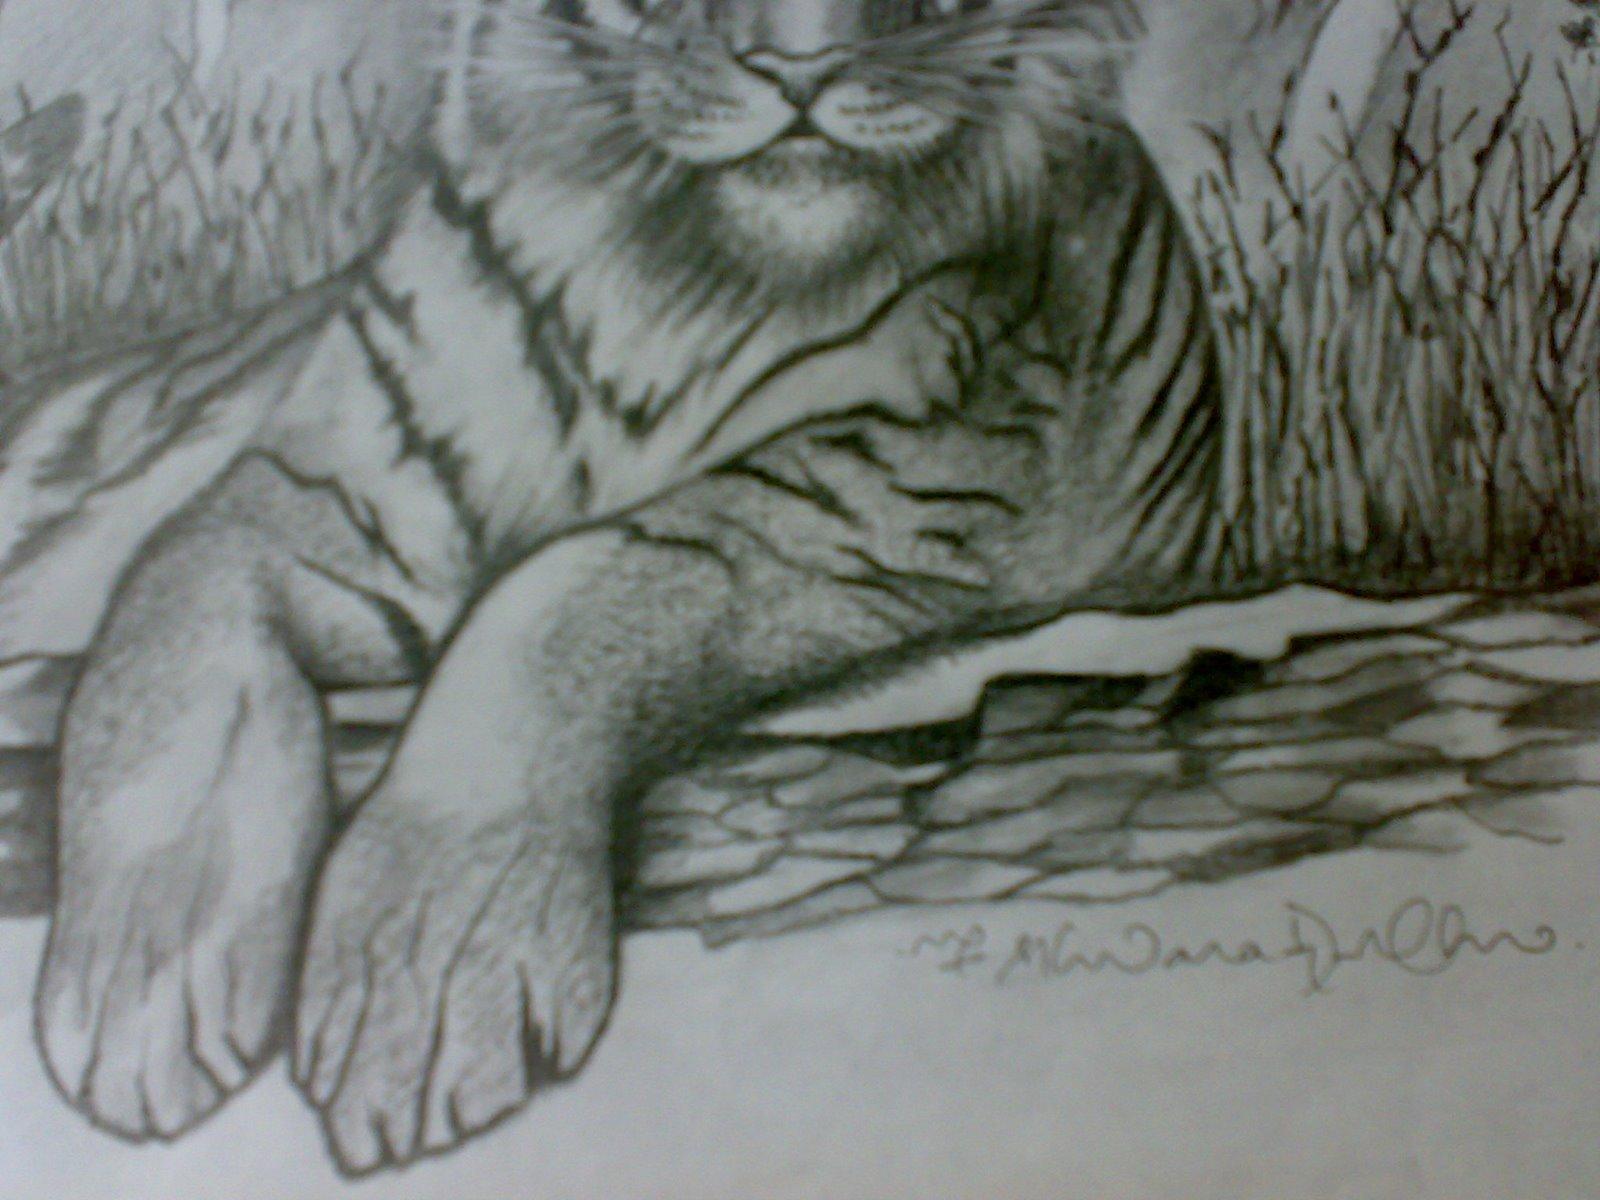 1600x1200 Ferrocious Feline Tiger Claw Lion Animal Drawing Forest